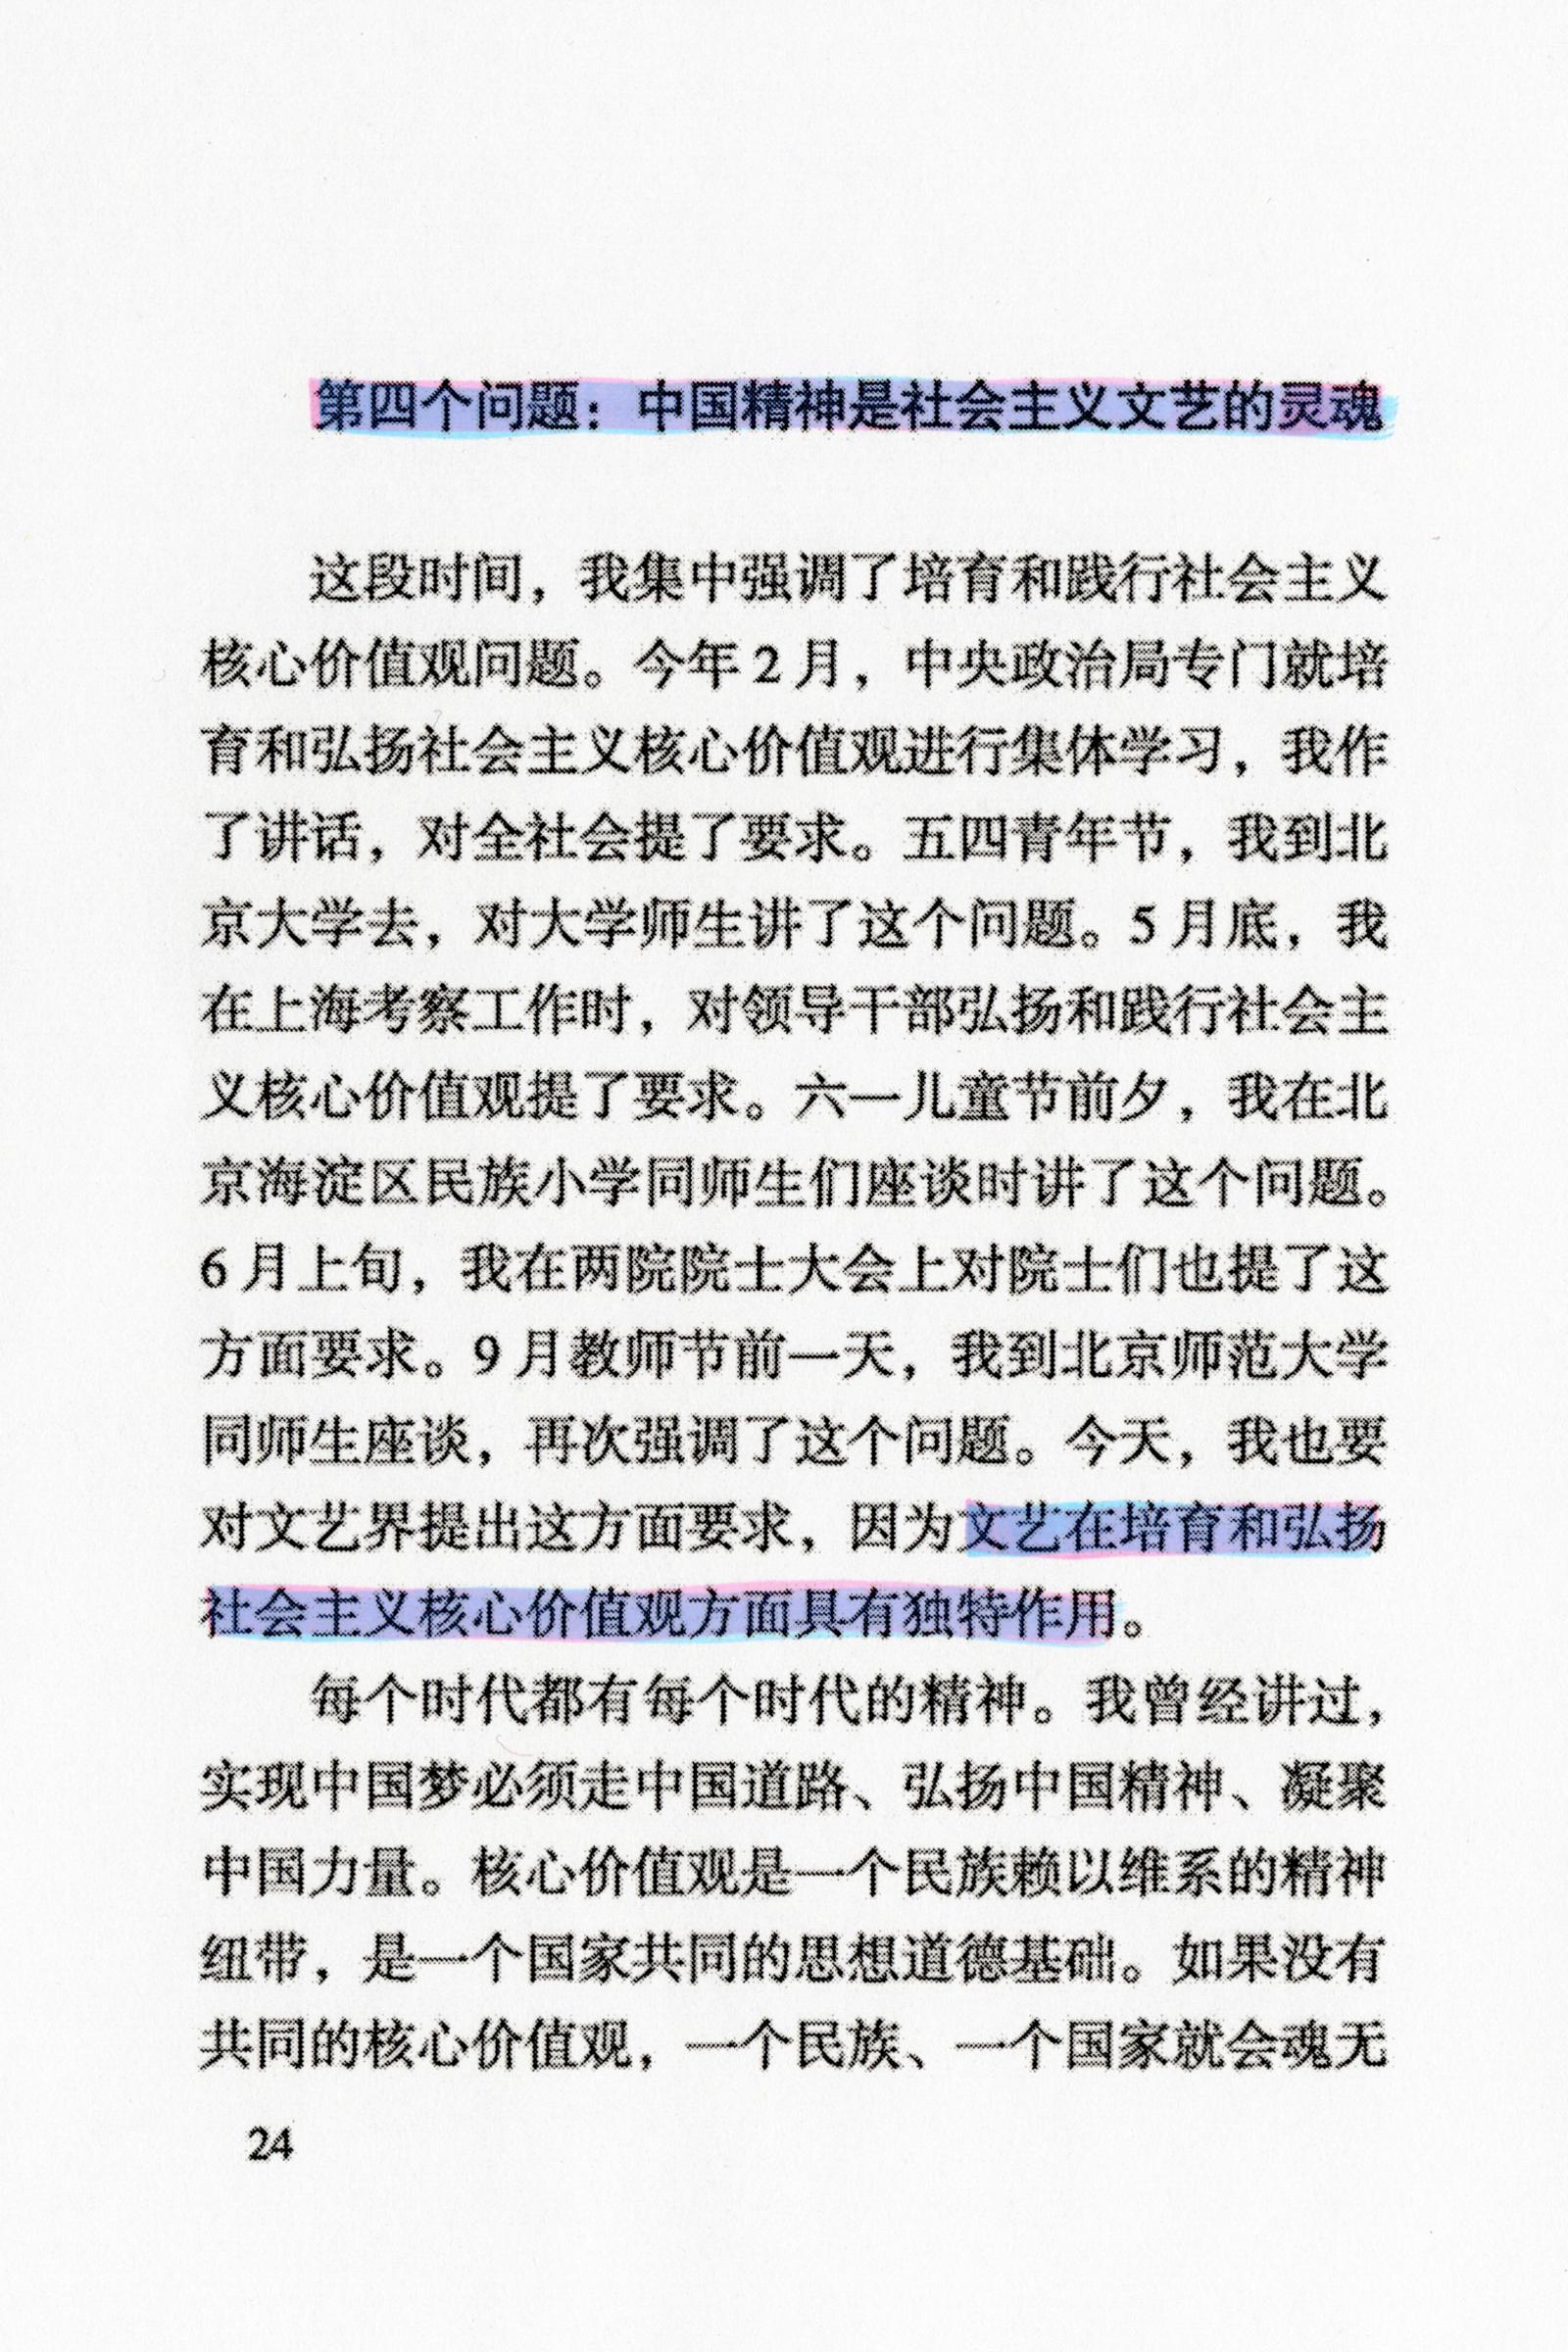 Xi2-3-25.jpg